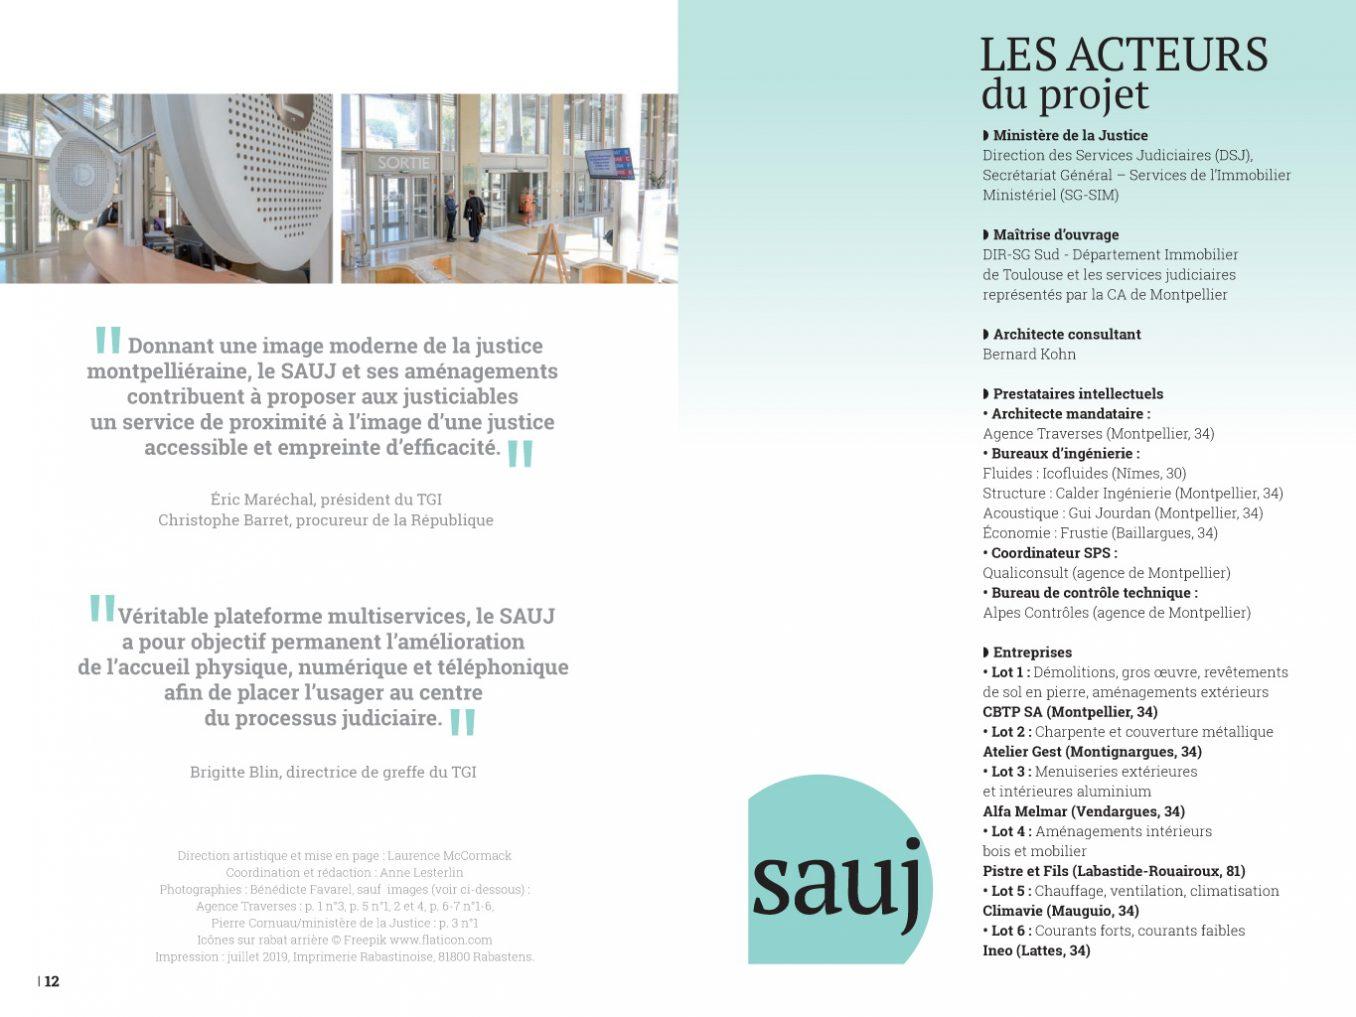 Traverses - plaquette SAUJ du tribunal Montpellier - pages 12-13